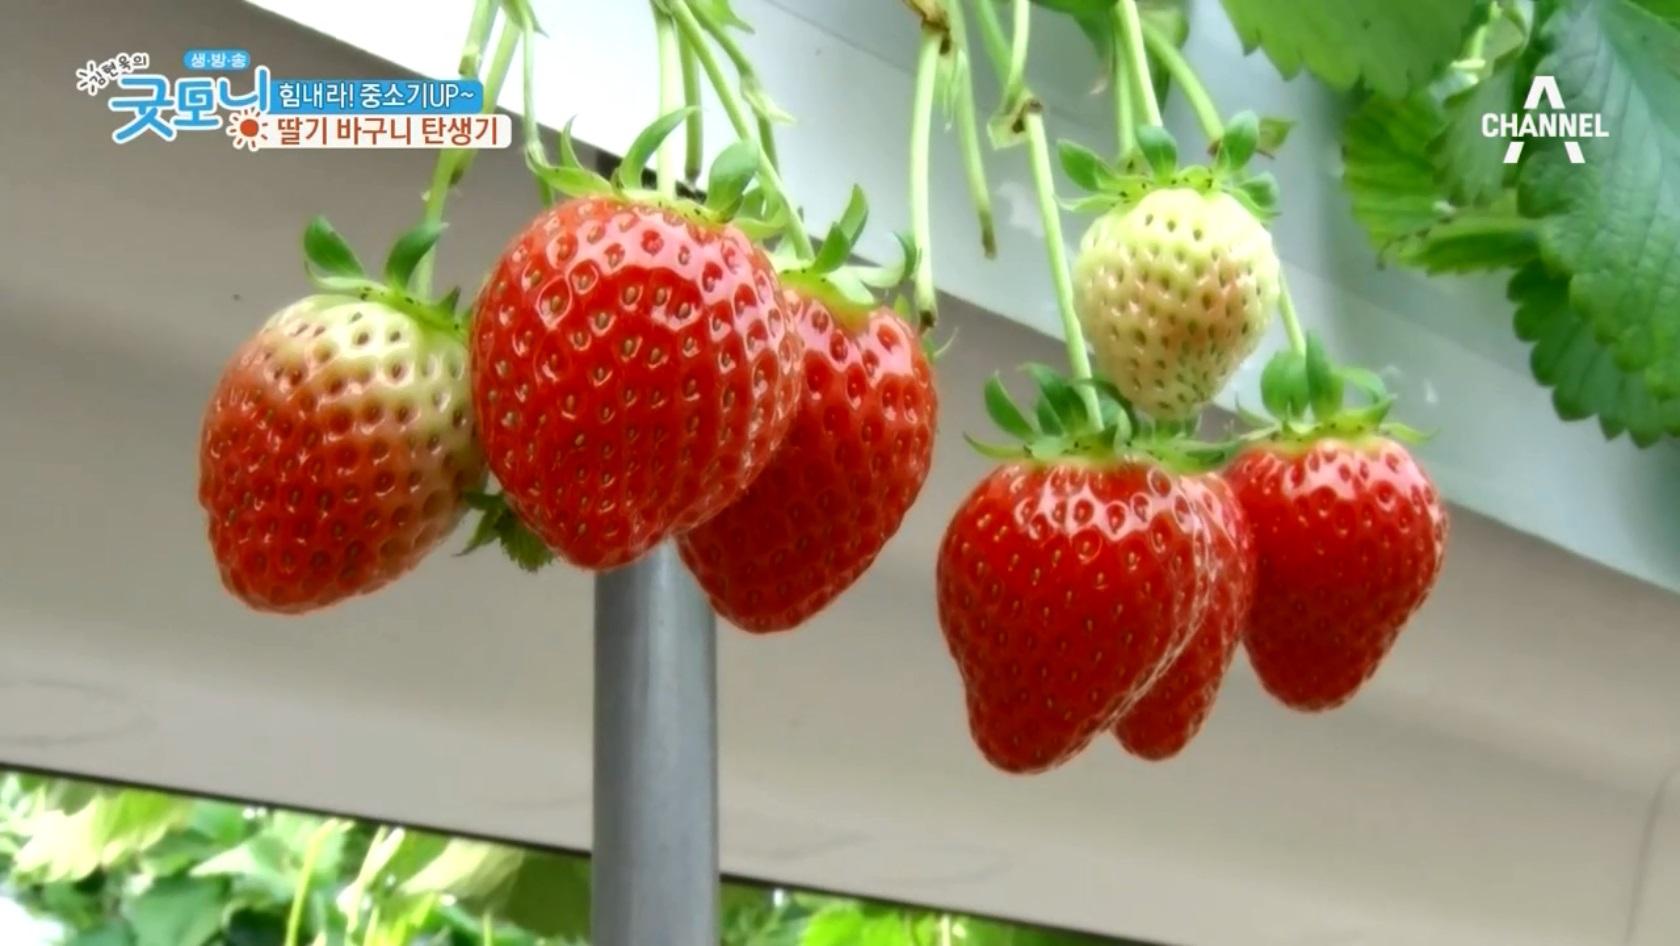 힘내라! 중소기UP~ 딸기 바구니 탄생기 이미지